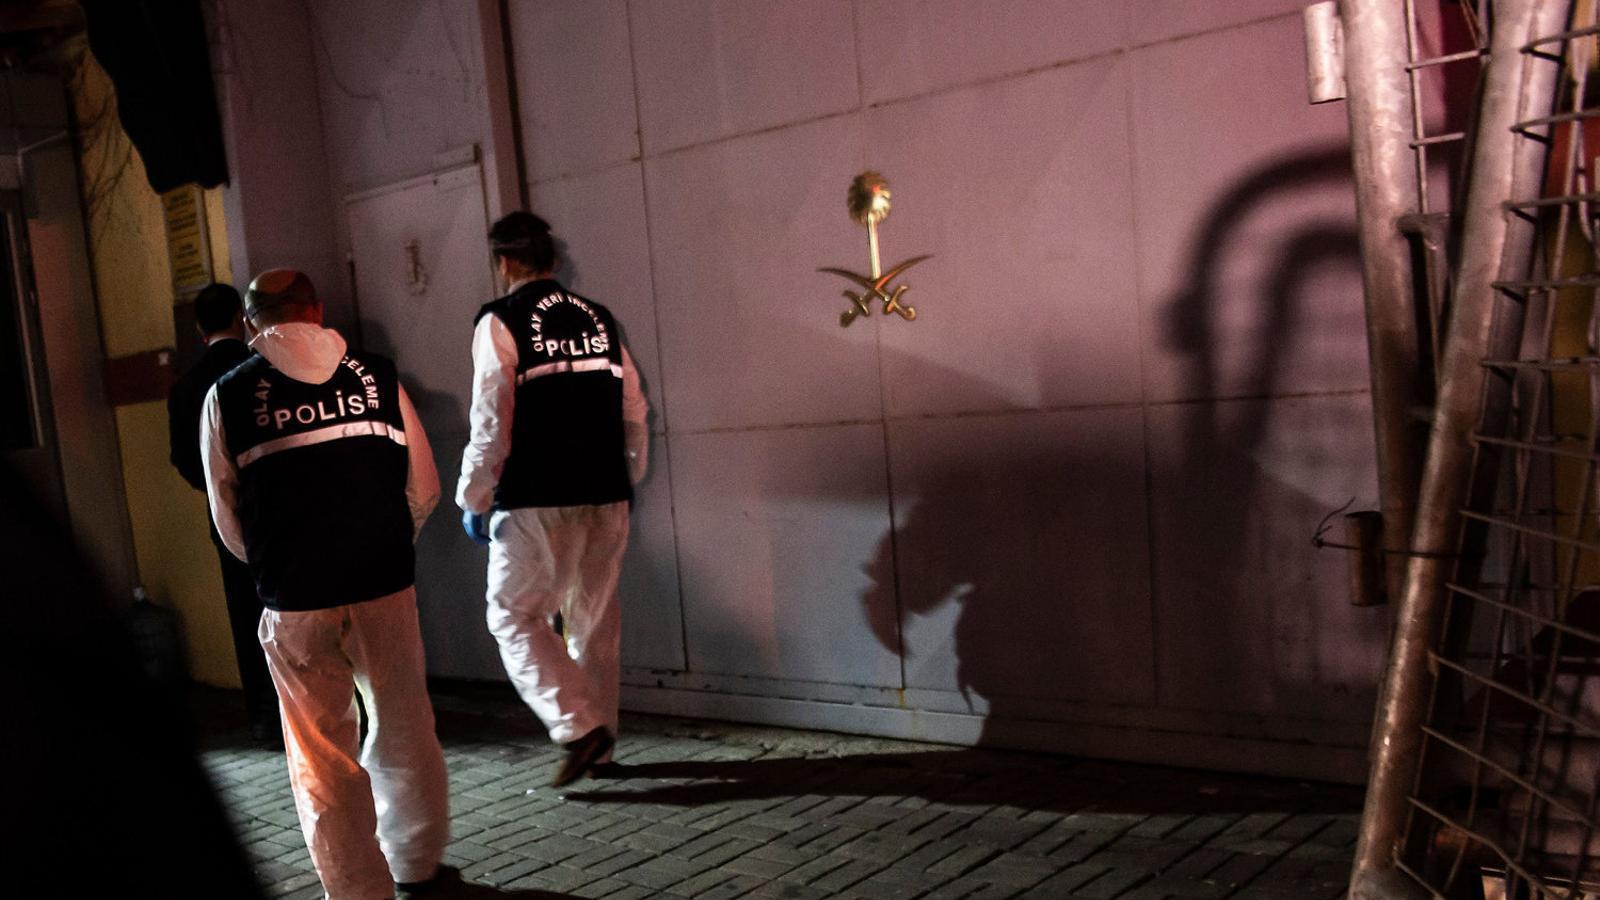 Policies científics turcs inspeccionen per segon cop el consolat saudita a Istanbul.